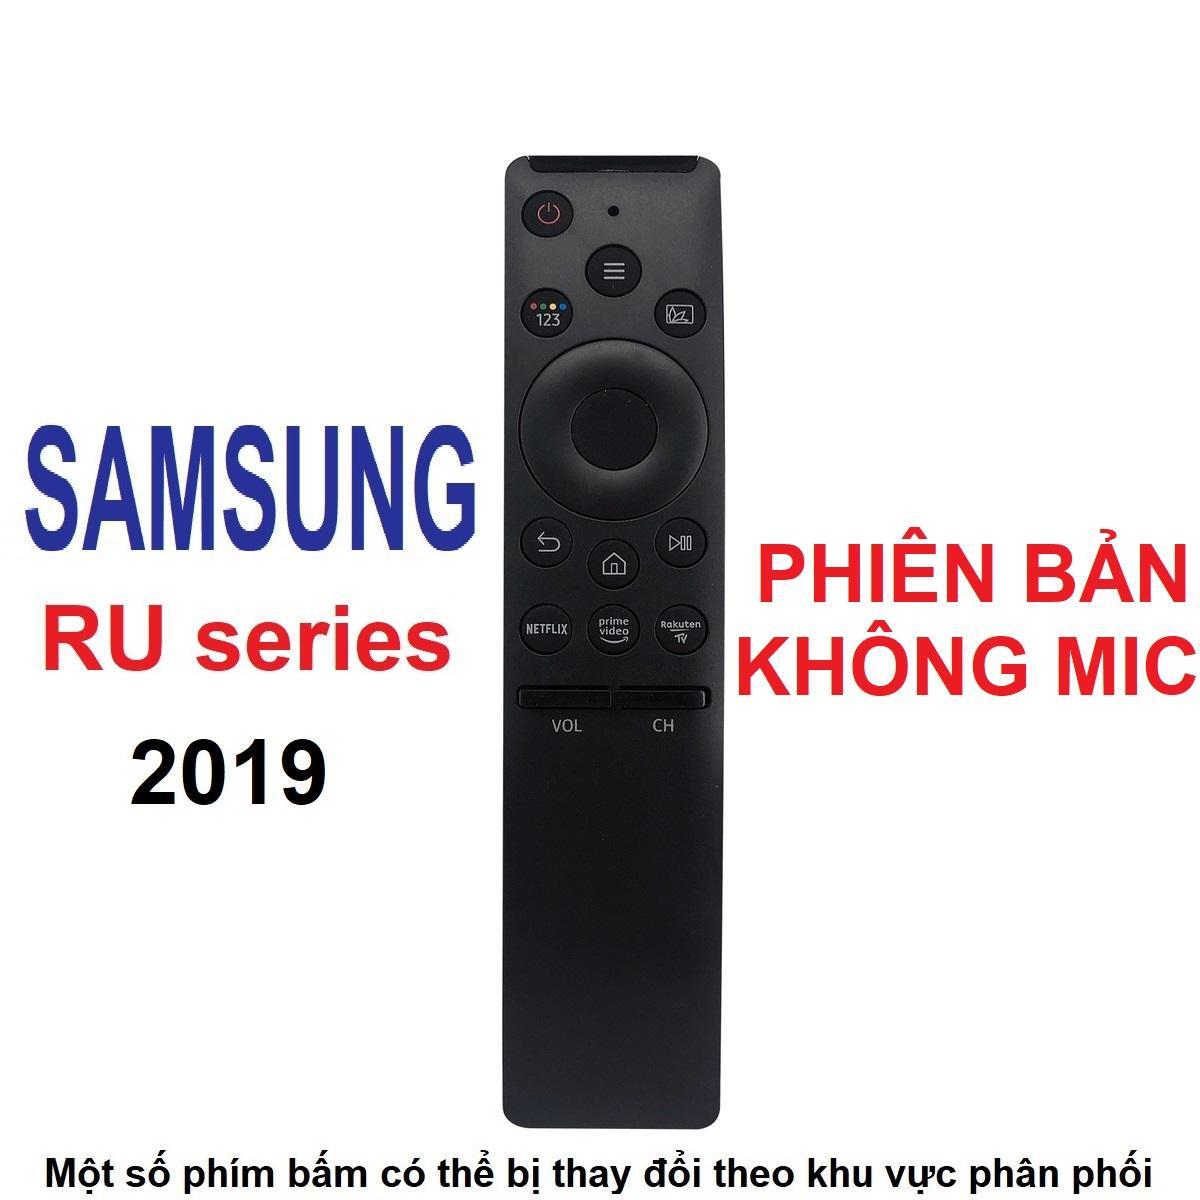 Remote điều khiển tivi SAMSUNG smart dòng RU không mic (One remote - Phiên bản rút gọn)